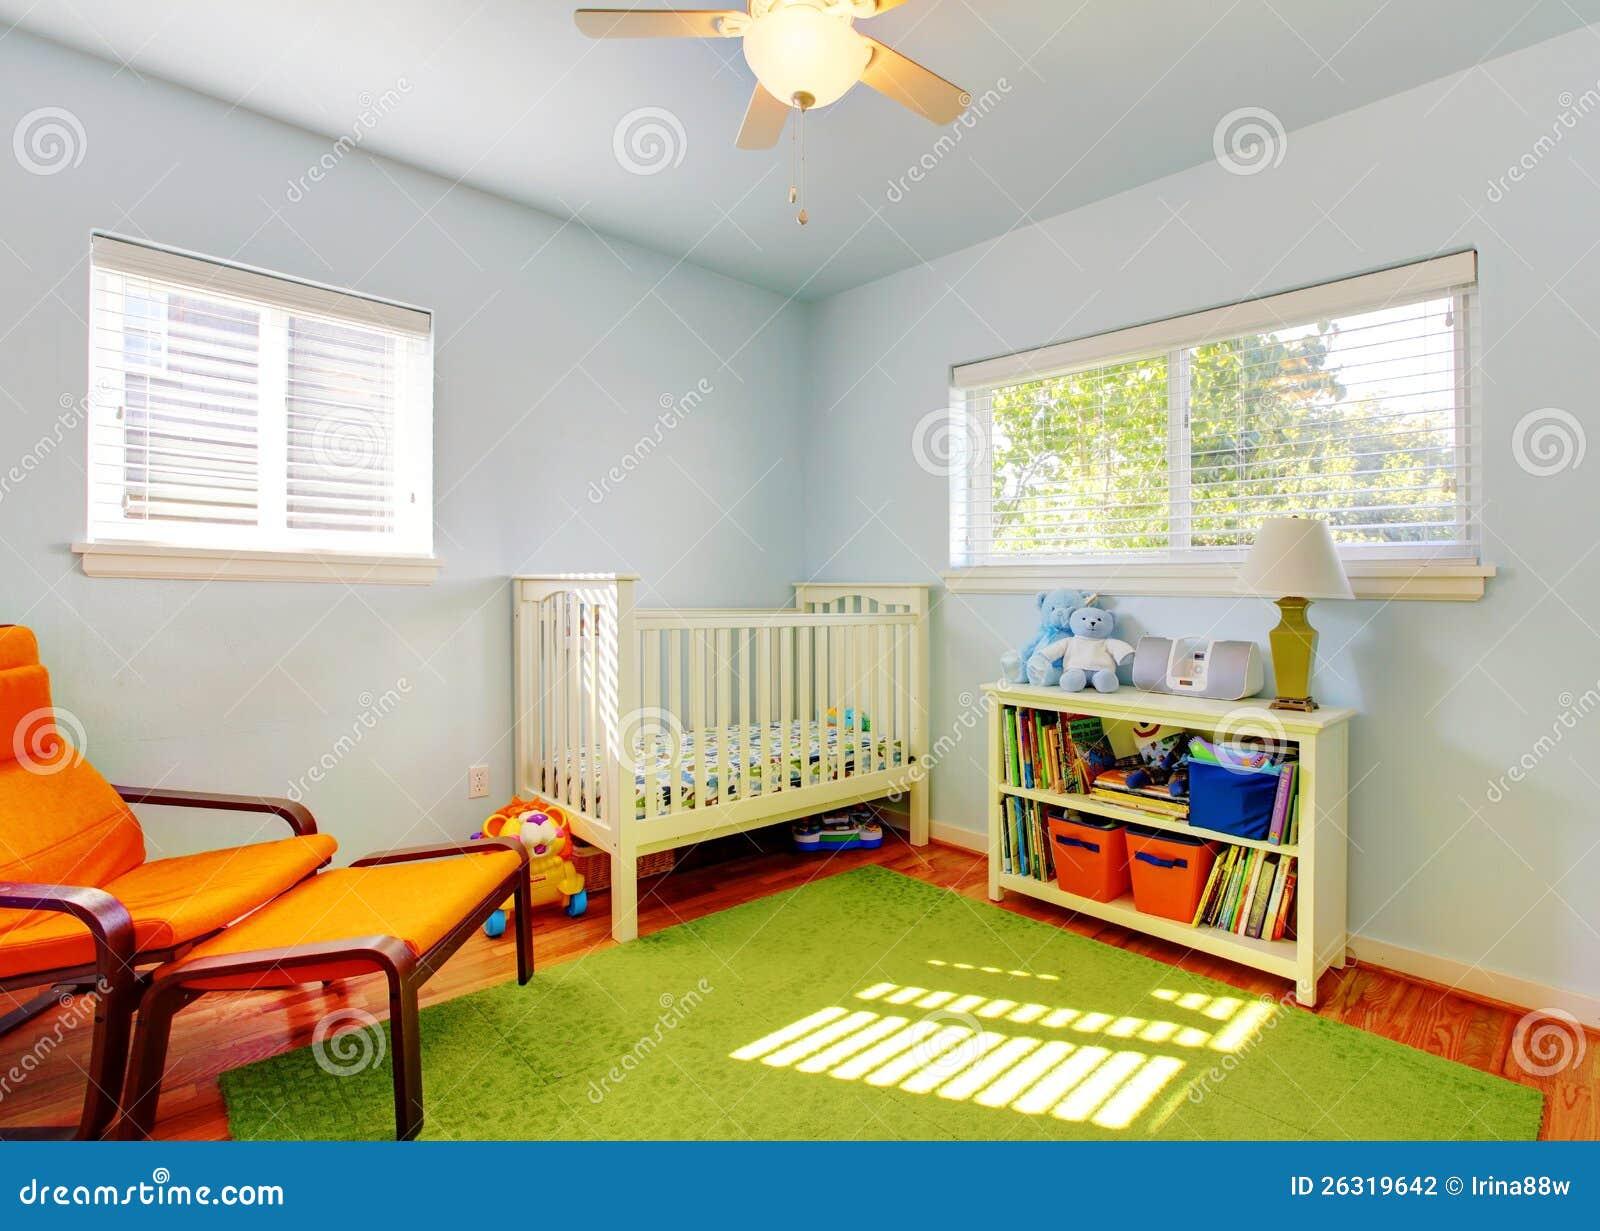 婴孩苗圃与绿色地毯、蓝色墙壁和橙色椅子的空间设计。